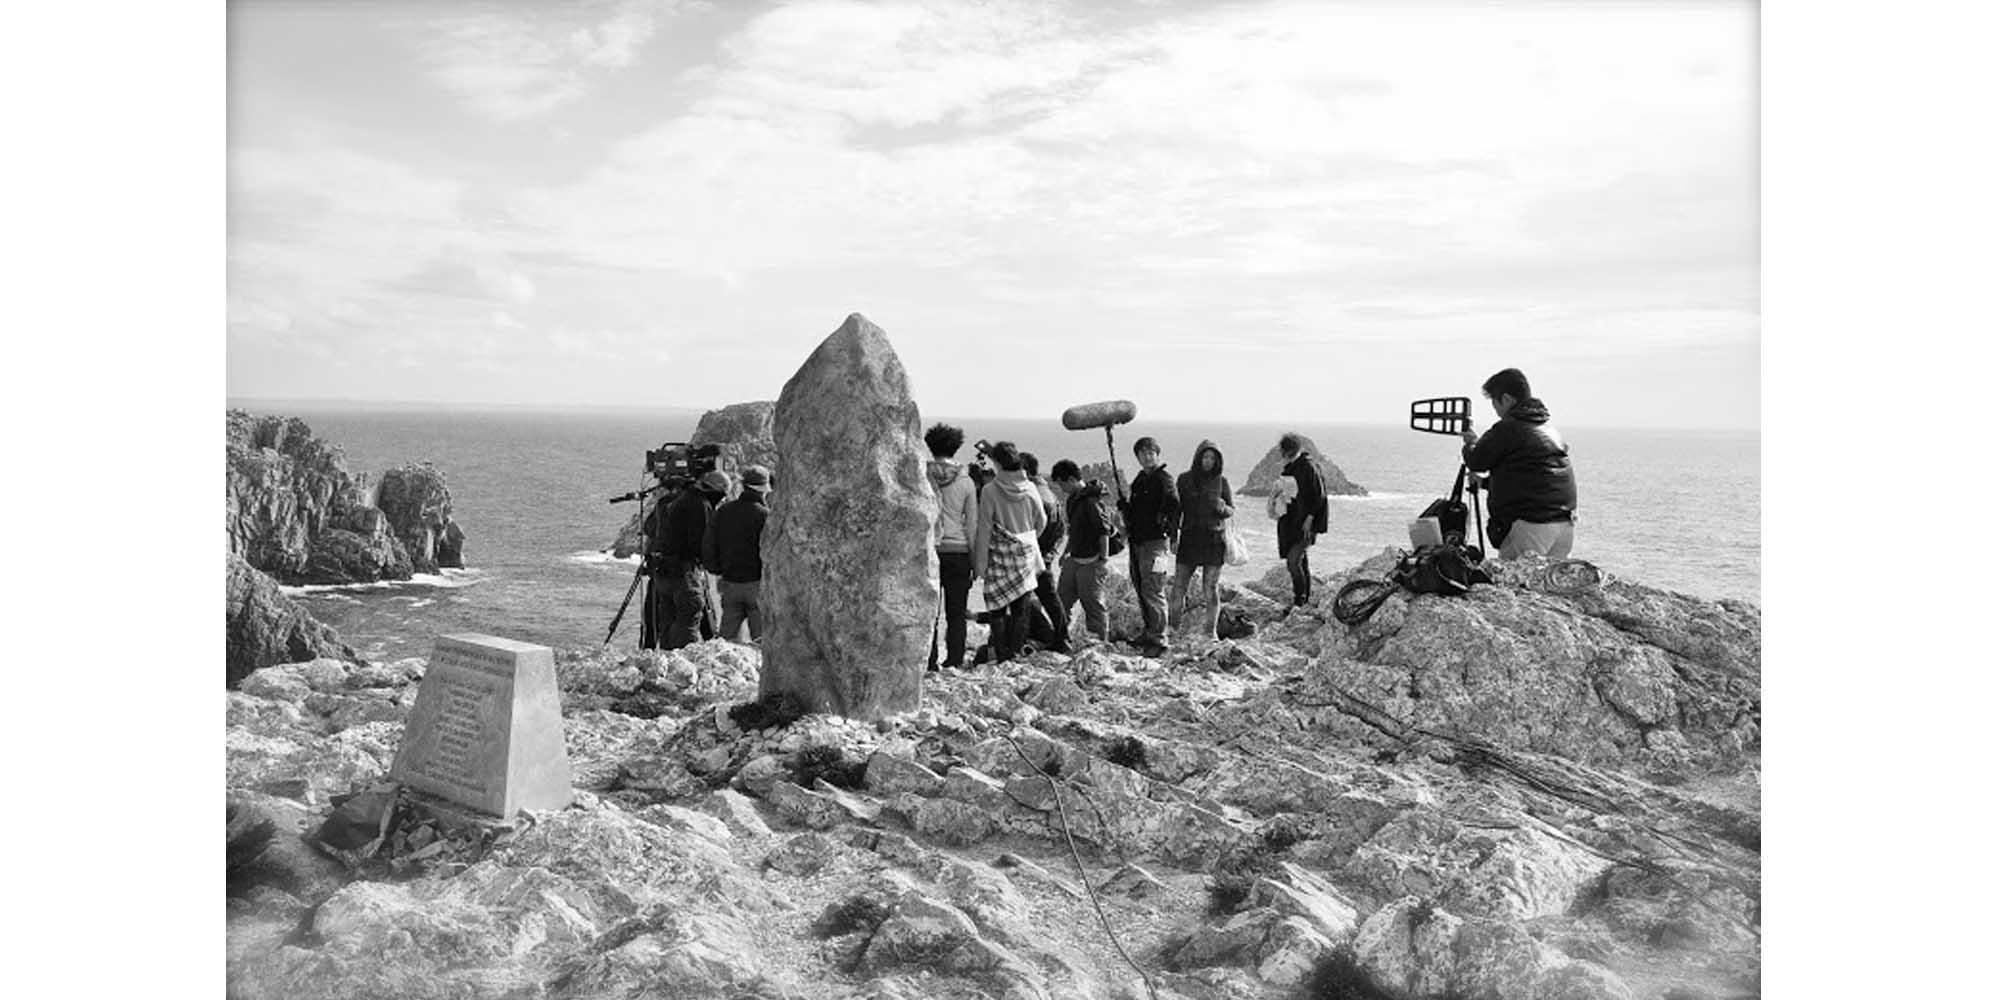 fac-simile de menhir intégré en décor naturel pour tournage de film